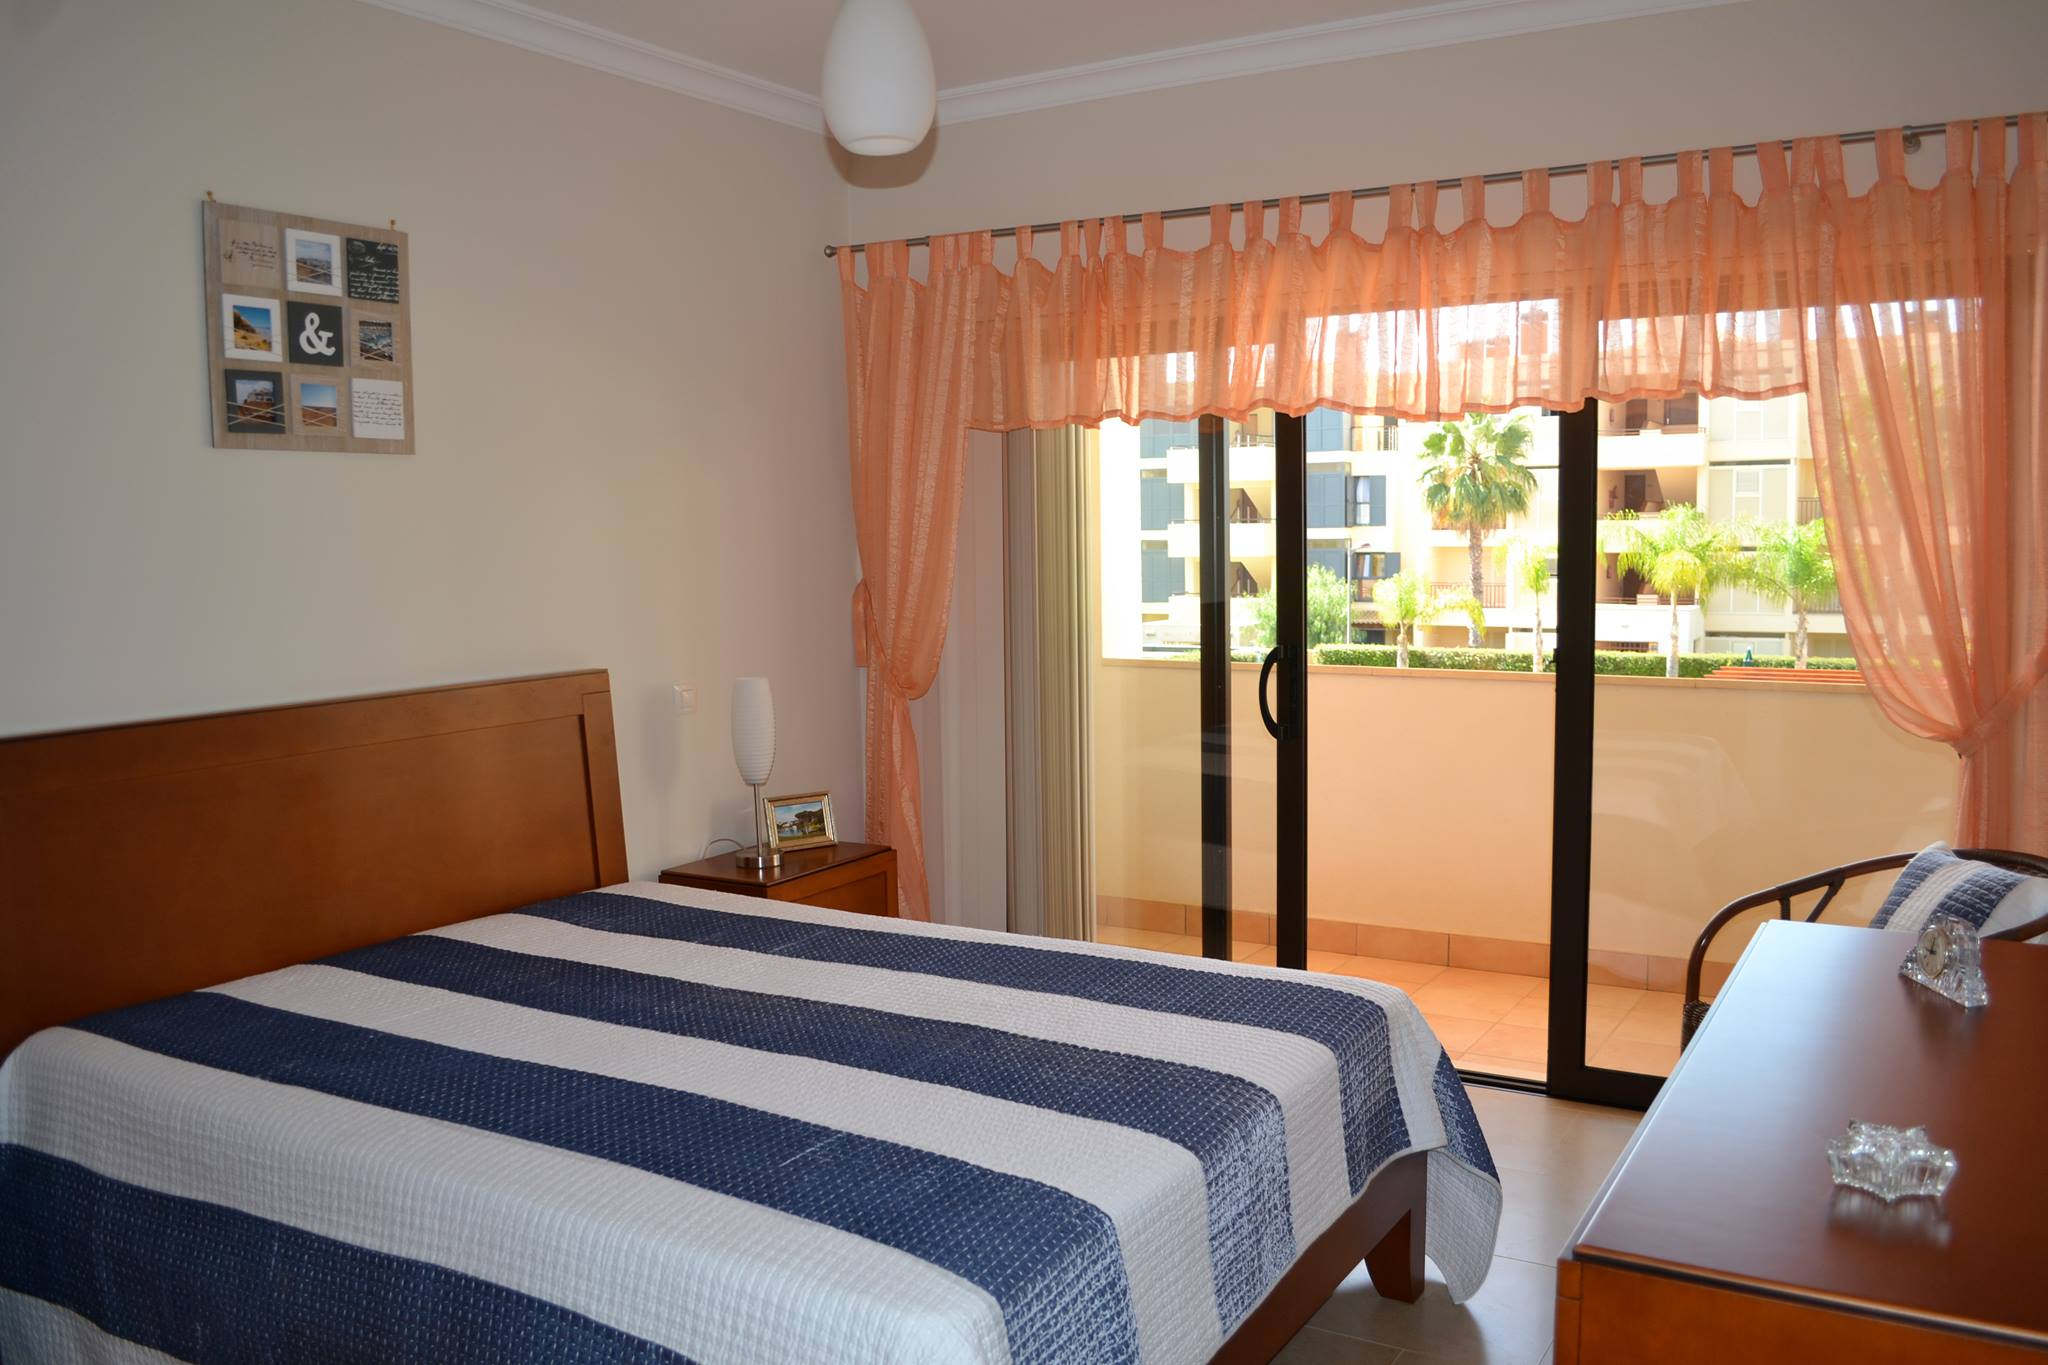 Location appartements et villas de vacance, ATLANTIDA Excellent Appartement à VILAMOURA à Vilamoura, Portugal Algarve, REF_IMG_648_728